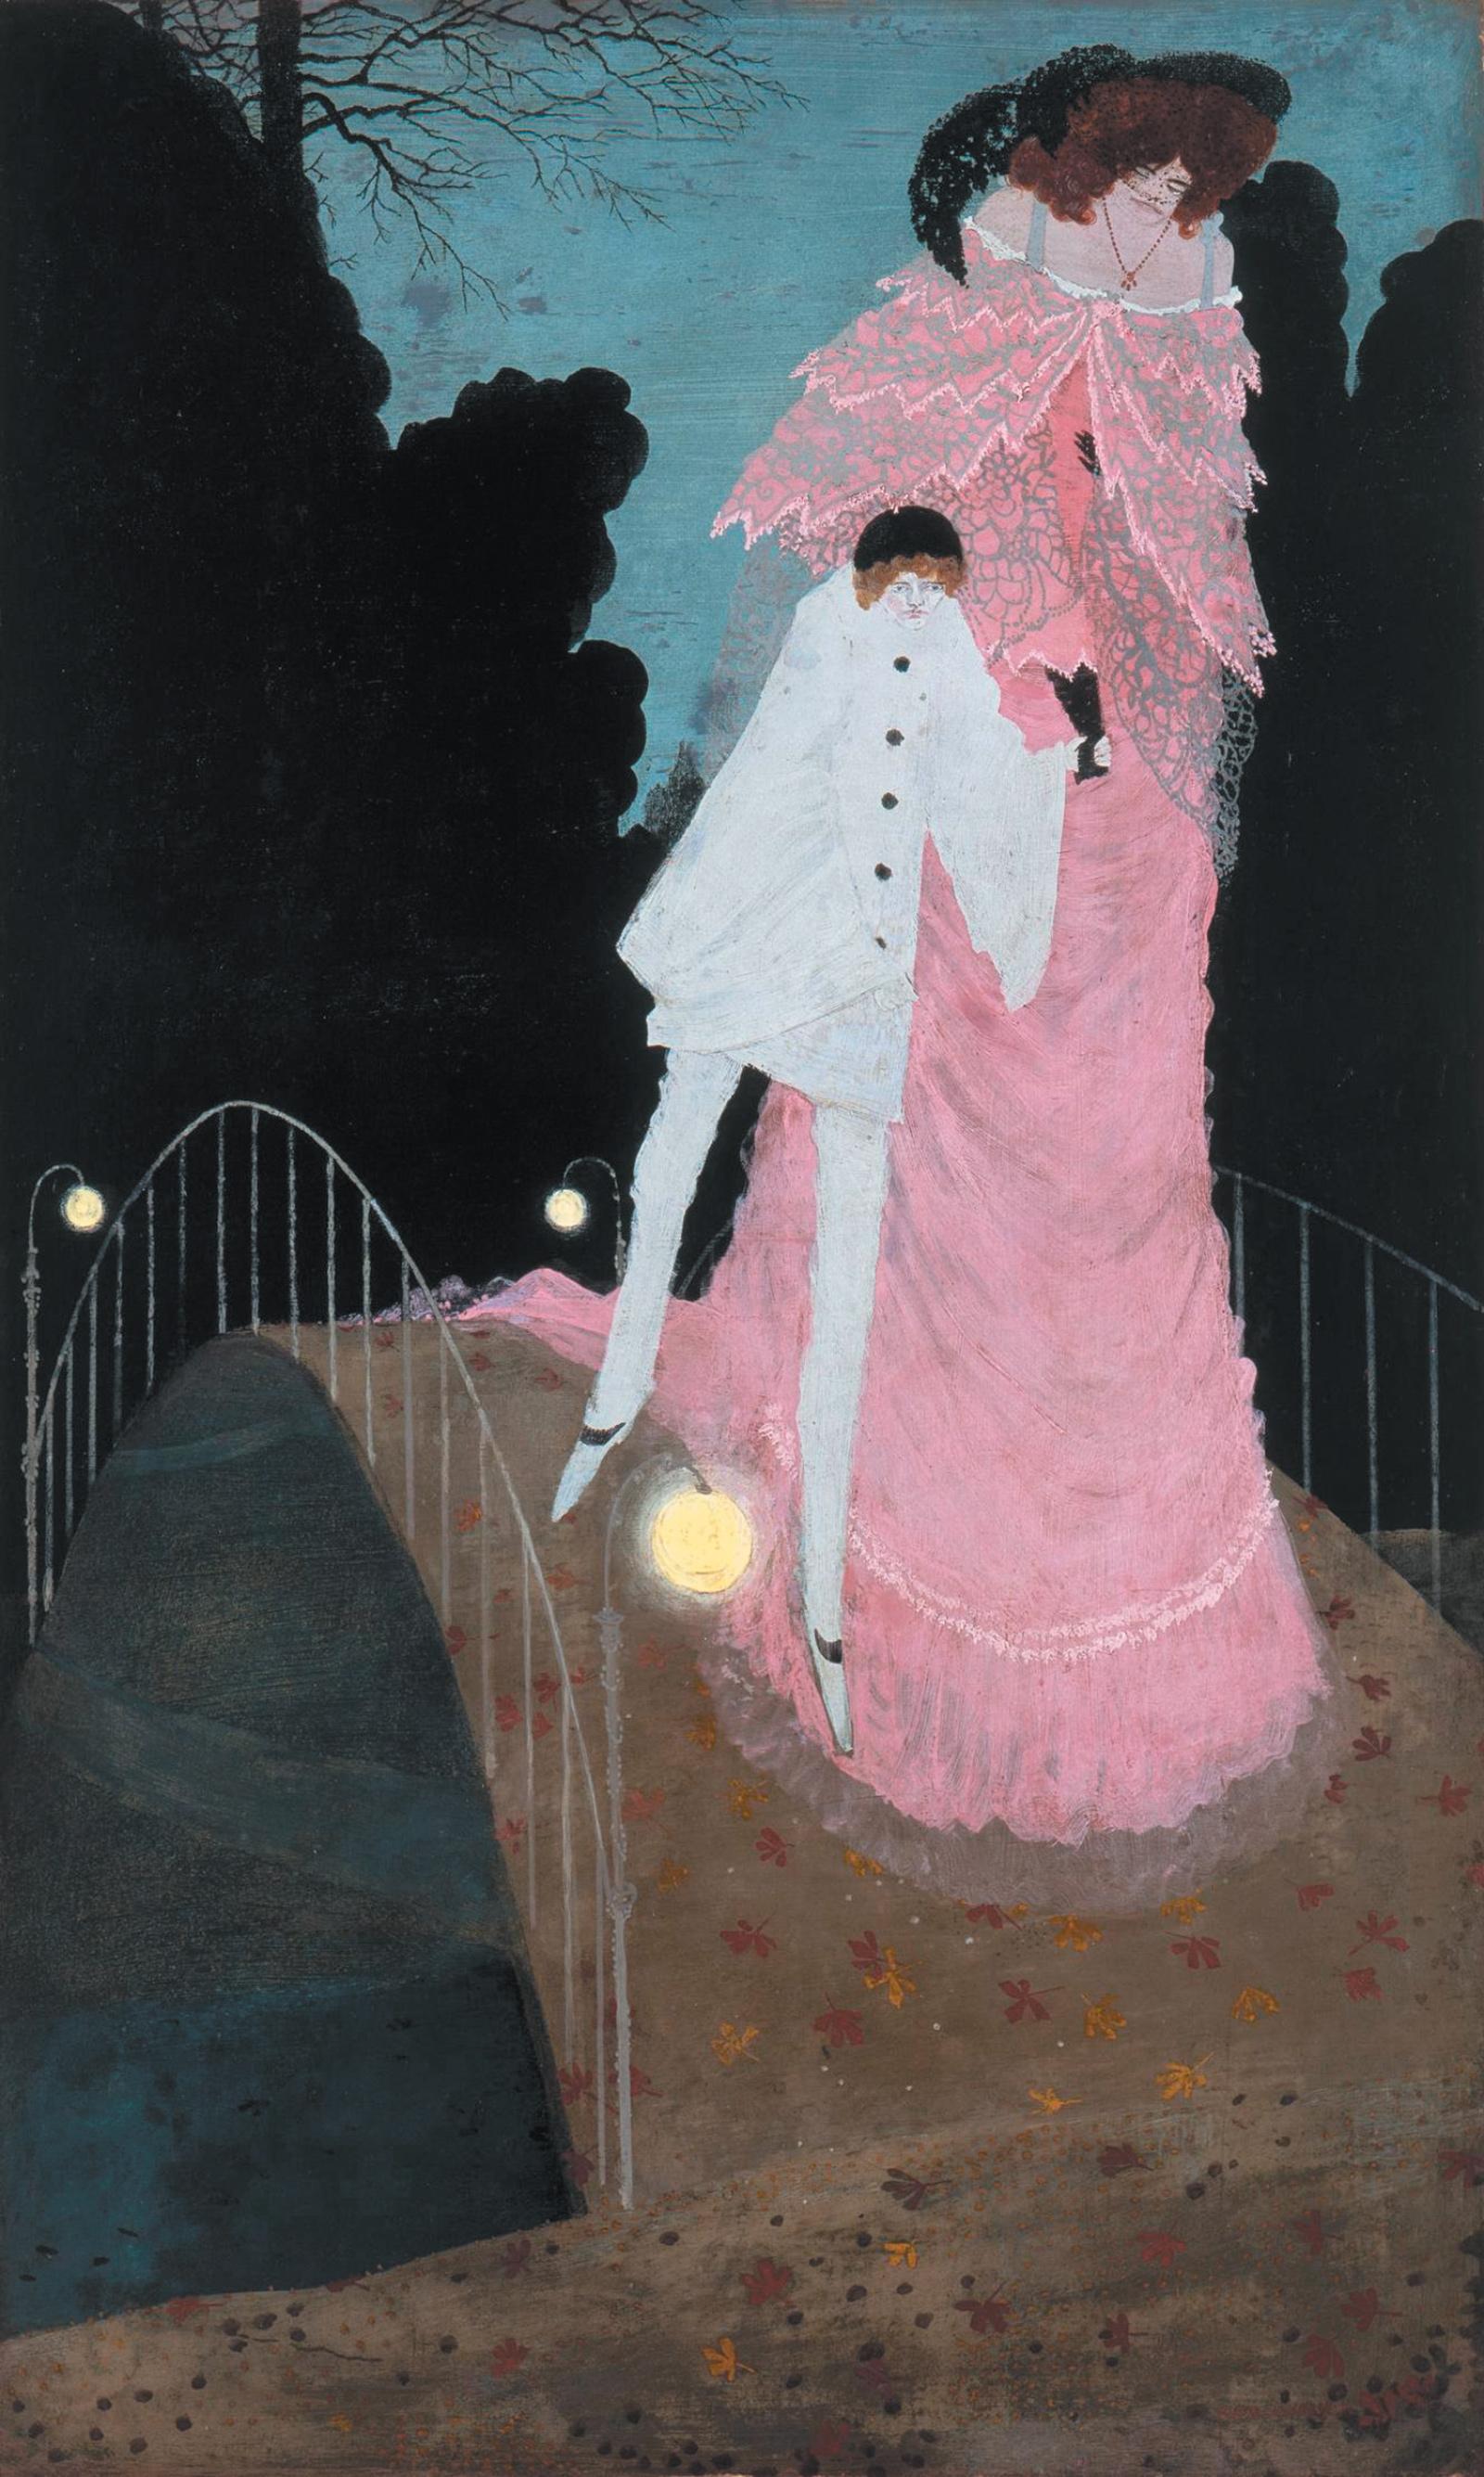 Karl Walser: The Dream, 1903